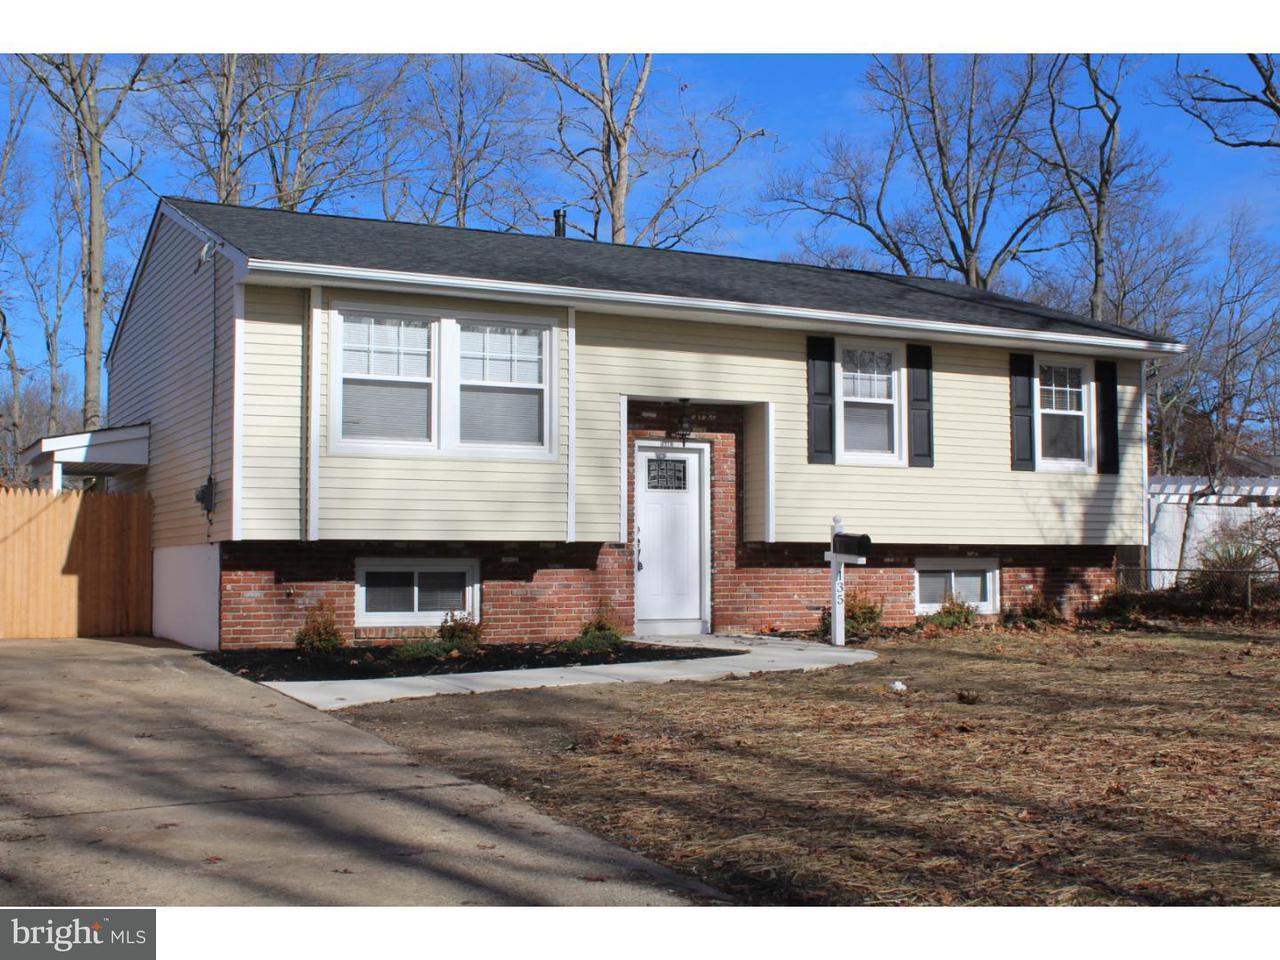 独户住宅 为 销售 在 135 SILVER BIRCH Road Williamstown, 新泽西州 08094 美国在/周边: Monroe Township